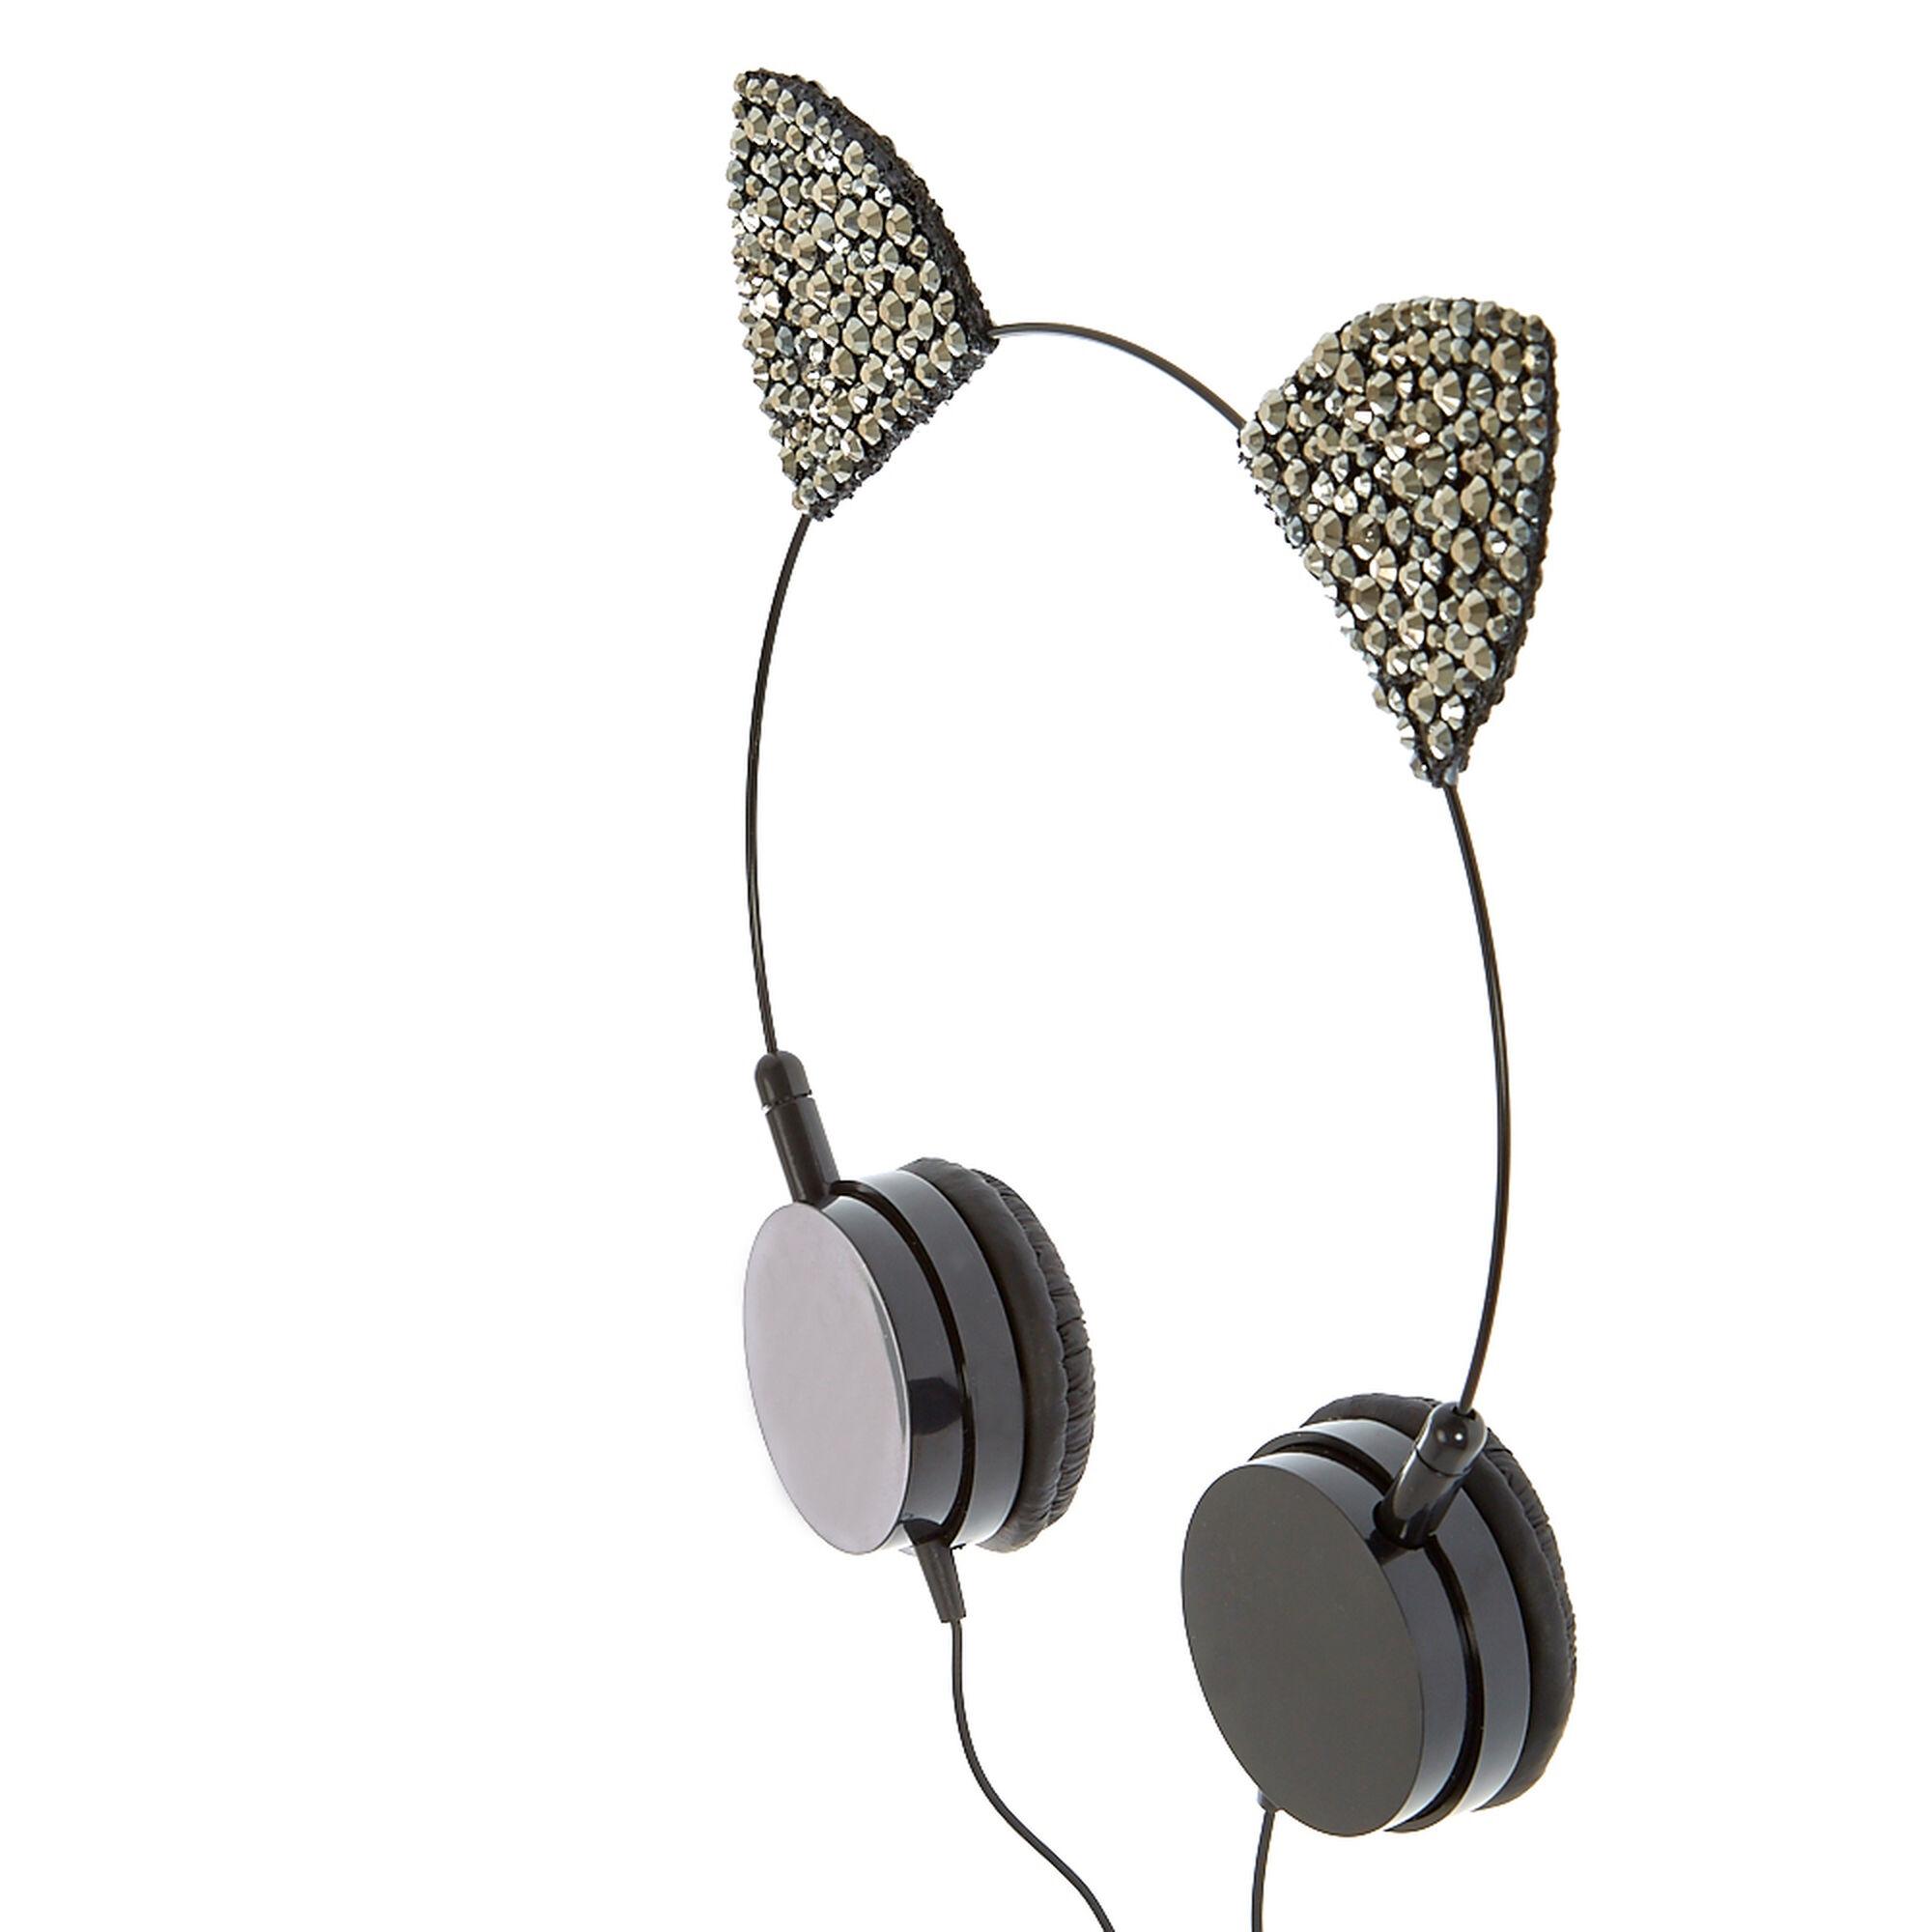 3c355ab8f1e Hematite Cat Ear Headphones | Claire's US